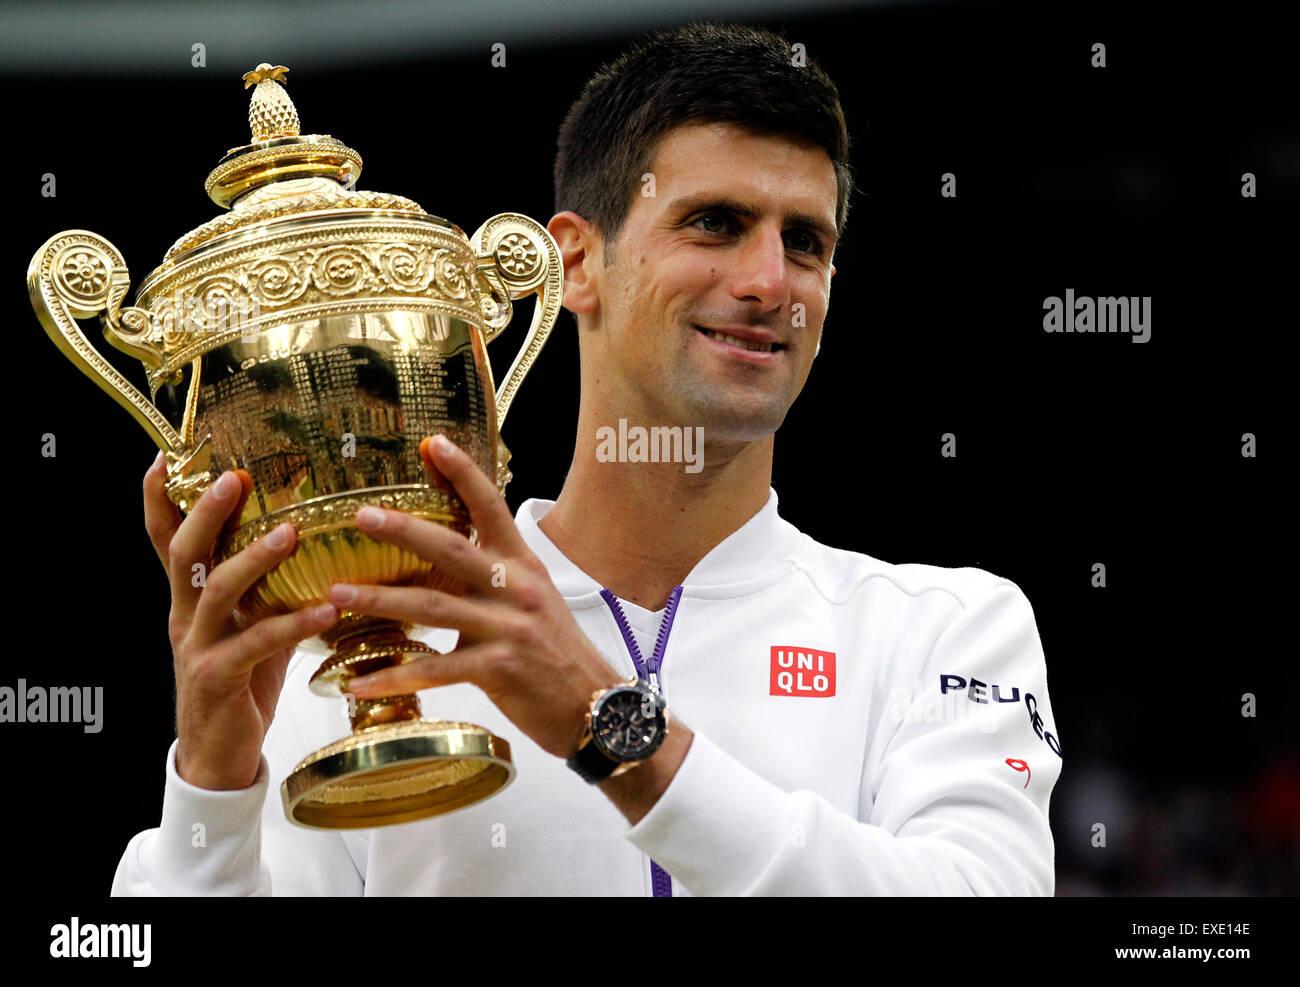 Londres, Reino Unido. 12 de julio de 2015. Novak Djokovic de Serbia posa con el trofeo tras la final de singles Imagen De Stock